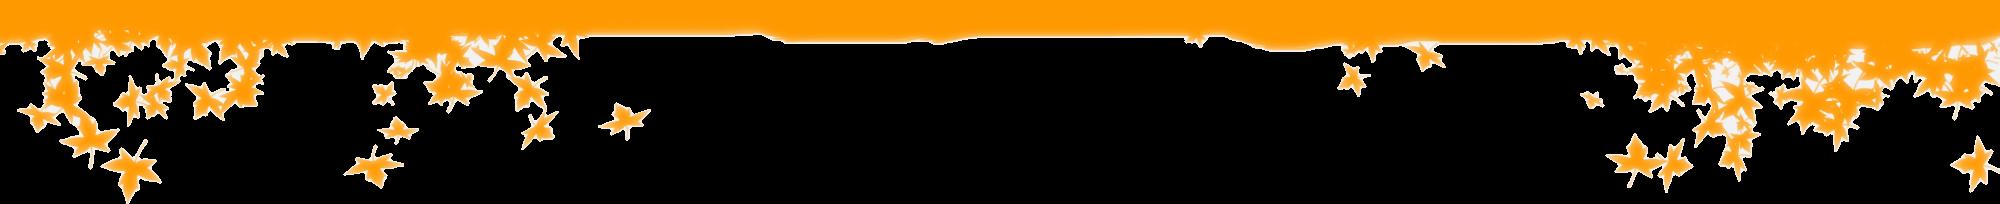 Rainbow Valley Resource Network